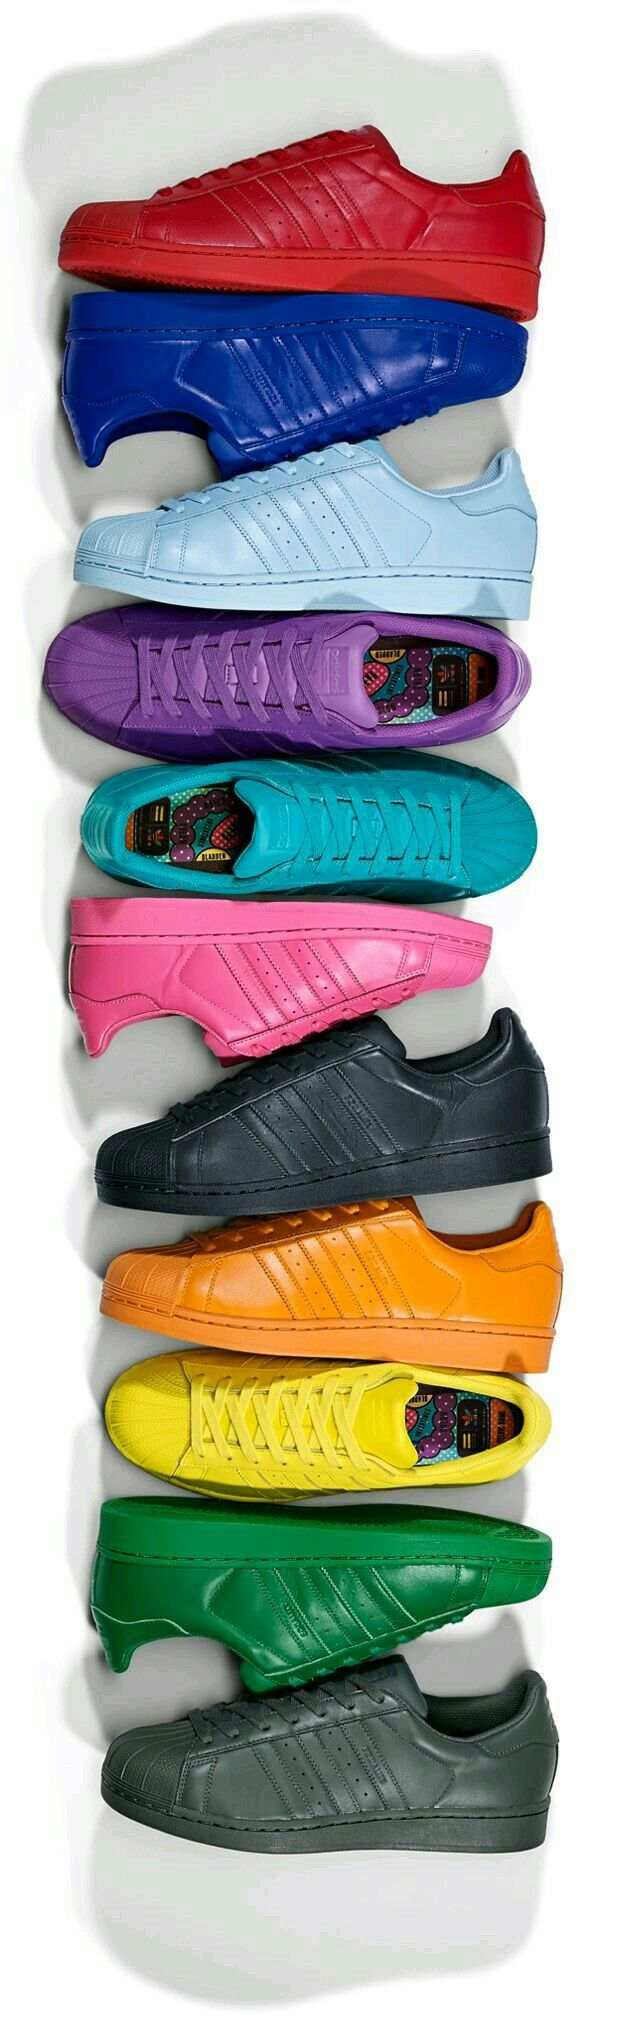 """Pharell Williams x adidas Originals Superstar """"Supercolor Pack"""" Más e428a3316"""